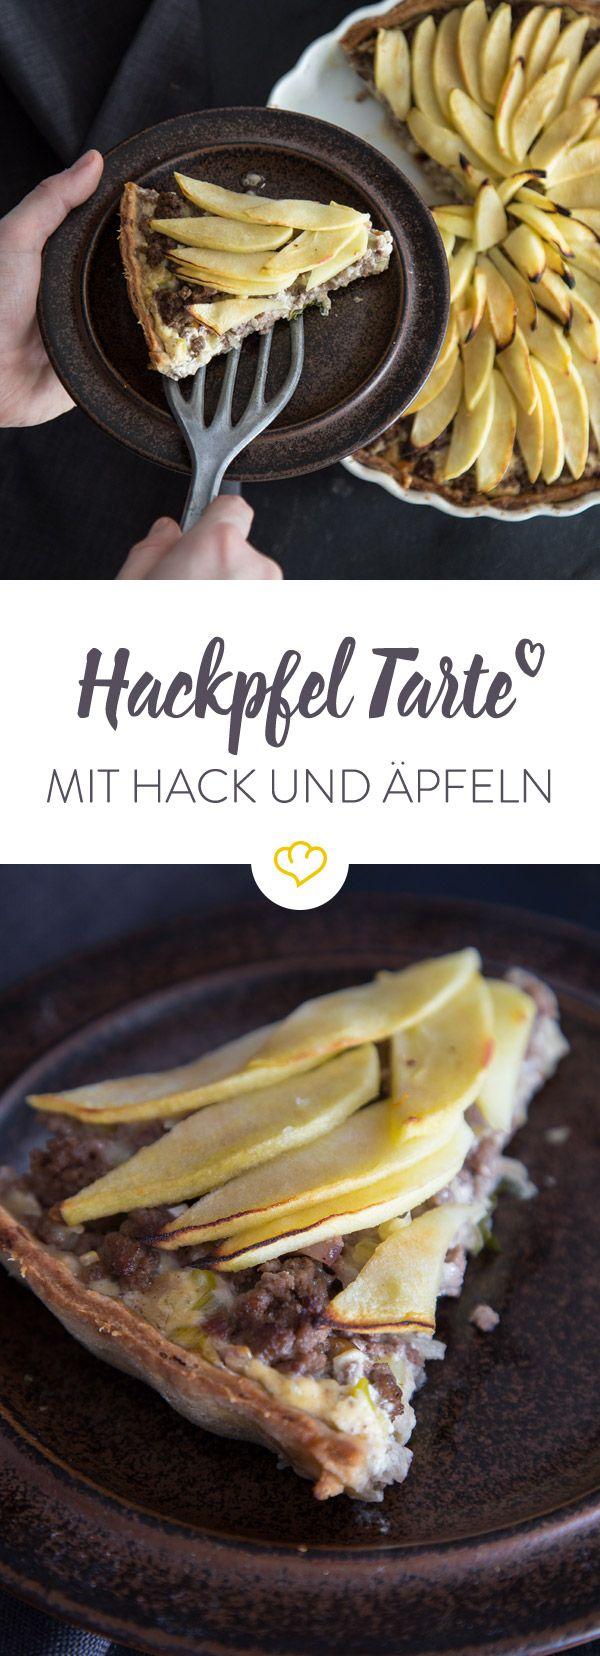 Du hast Lust auf eine Tarte, möchtest aber etwas ausgefallenes backen? Wie wäre es mit einer Hackpfel Tarte aus Hack, Äpfeln, Creme Fraîche und Käse?